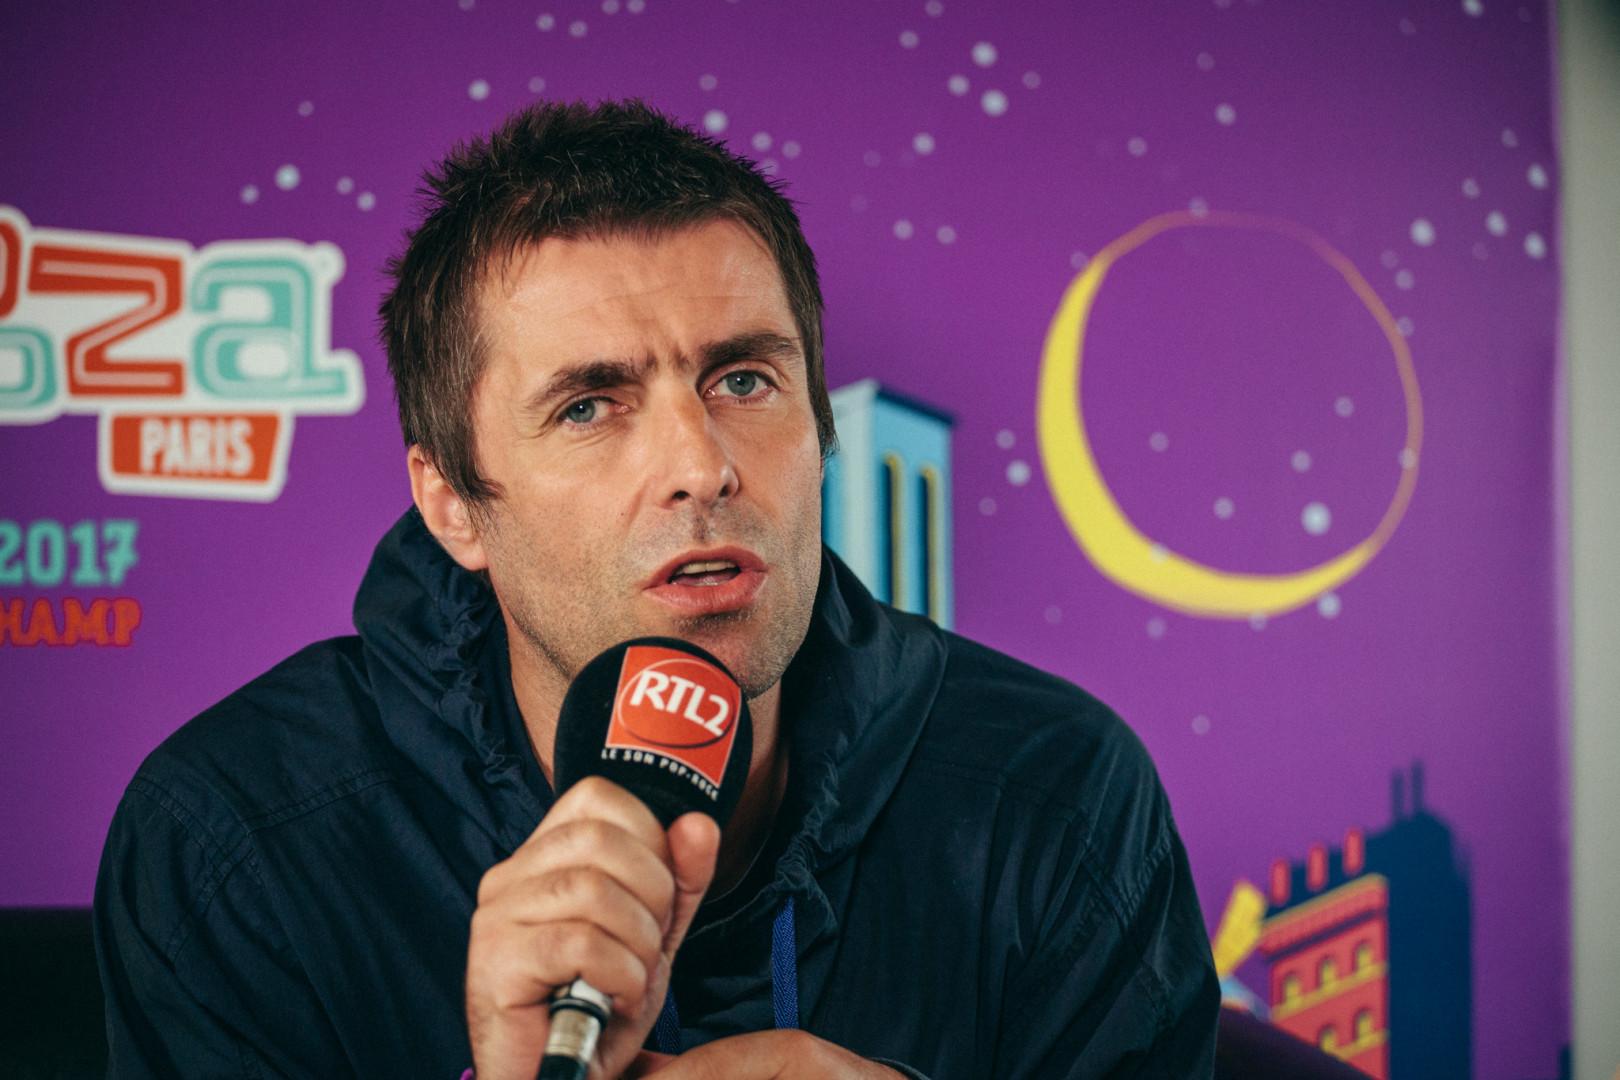 Liam Gallagher en interview dans le studio RTL2 lors de Lollapalooza Paris